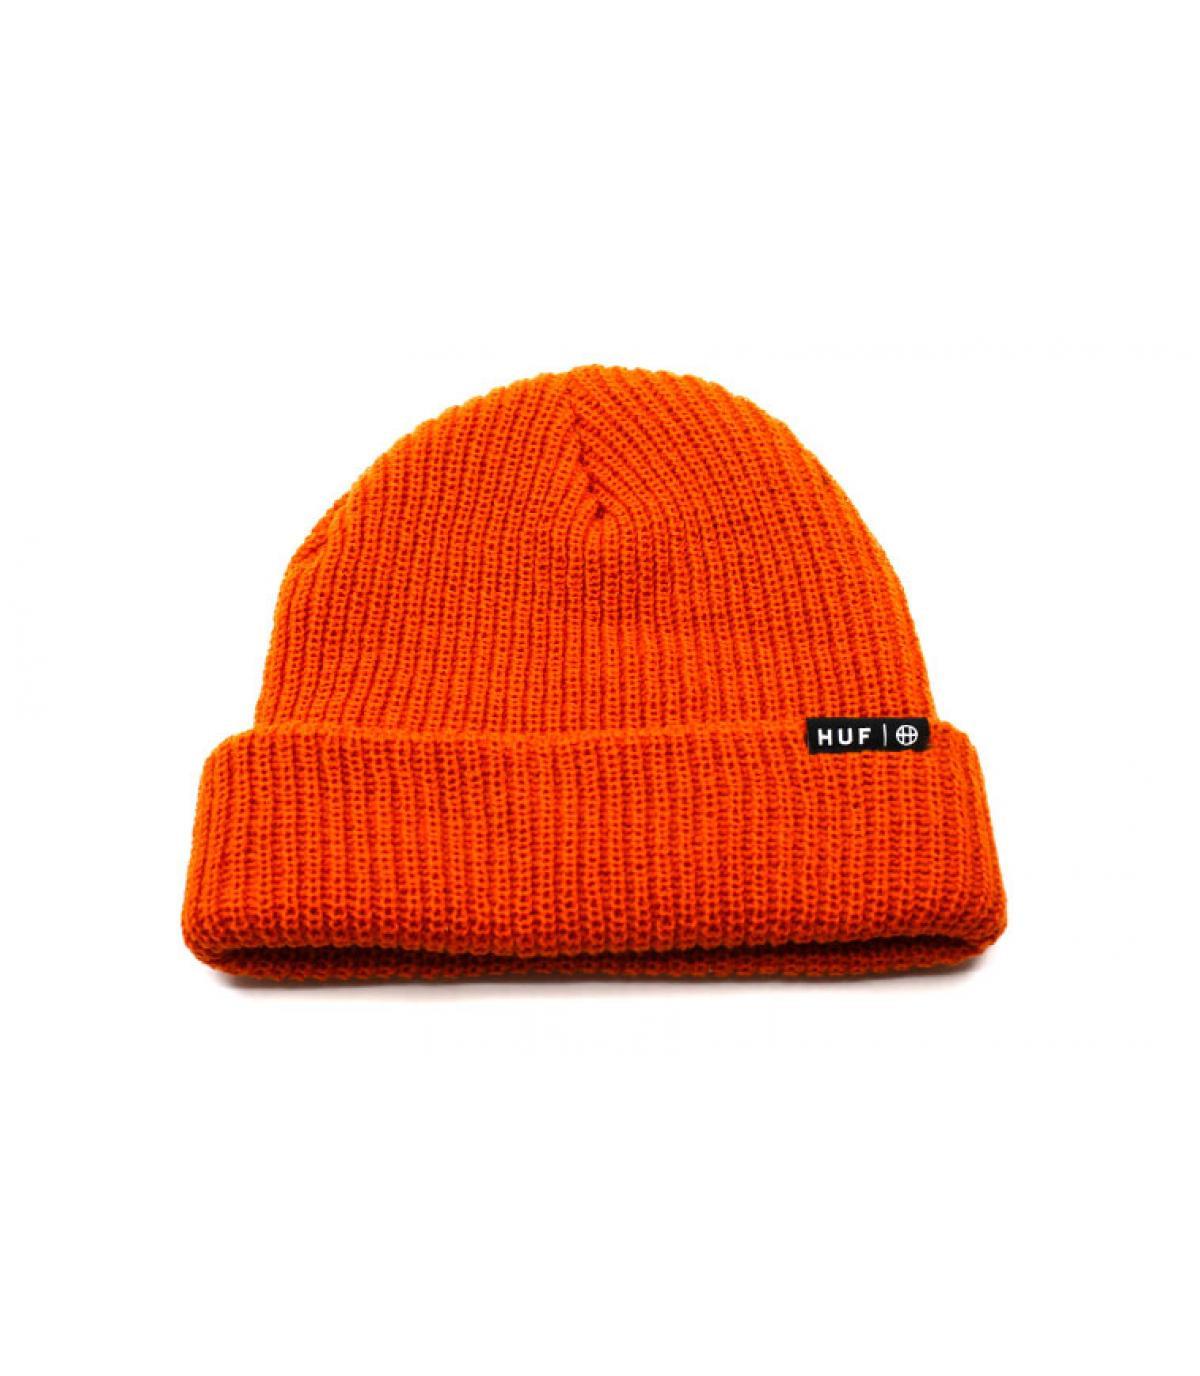 Bonnet revers orange Huf